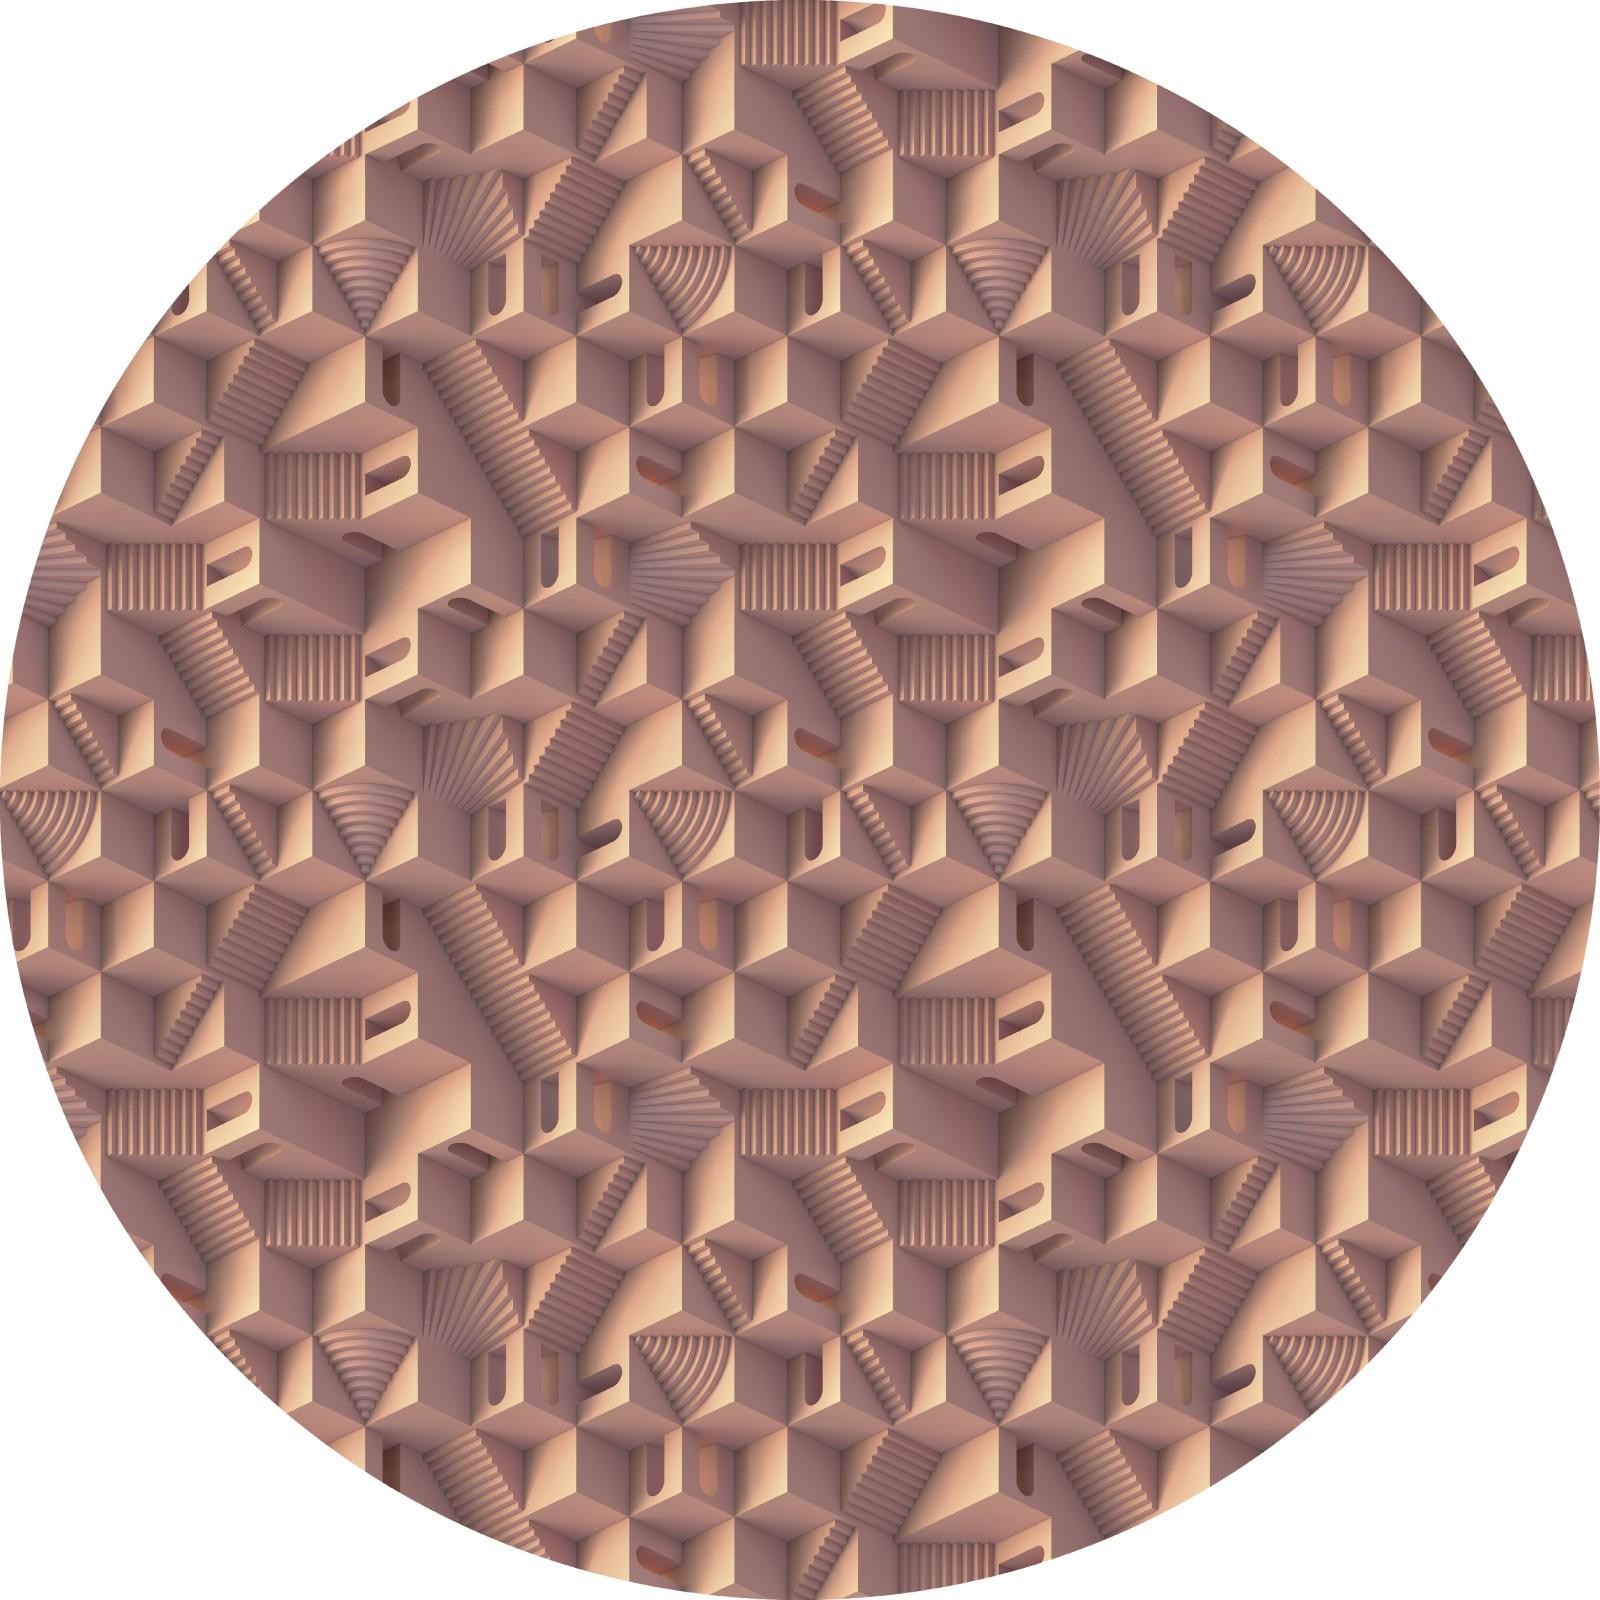 Maze Round Carpet Miami, Ø 250cm, Polyamide